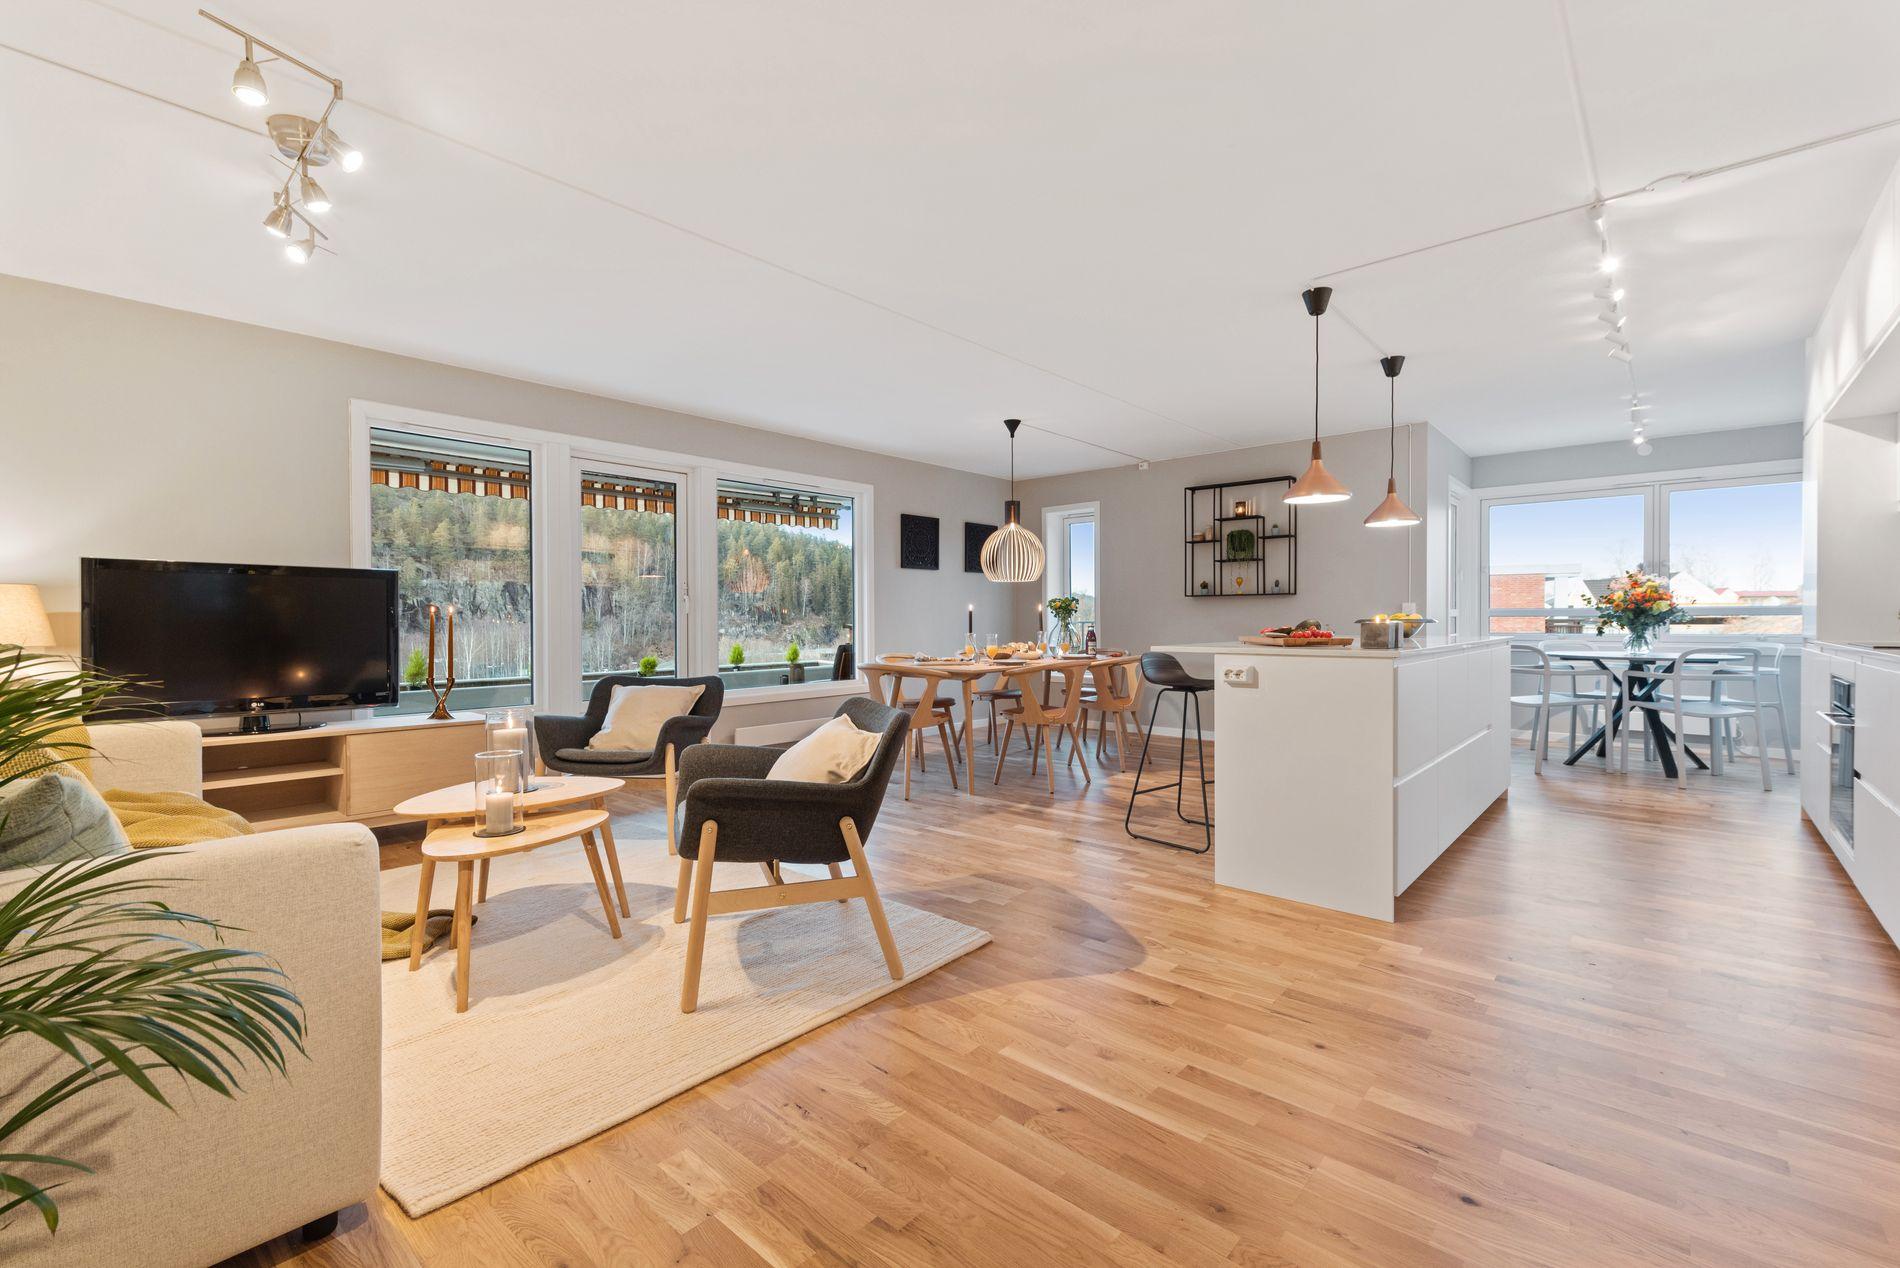 NYTT OG STORT: Før leiligheten ble lagt ut for salg, fjernet eieren veggen mellom kjøkken og stue, og monterte nytt kjøkken og ny kjøkkenøy.